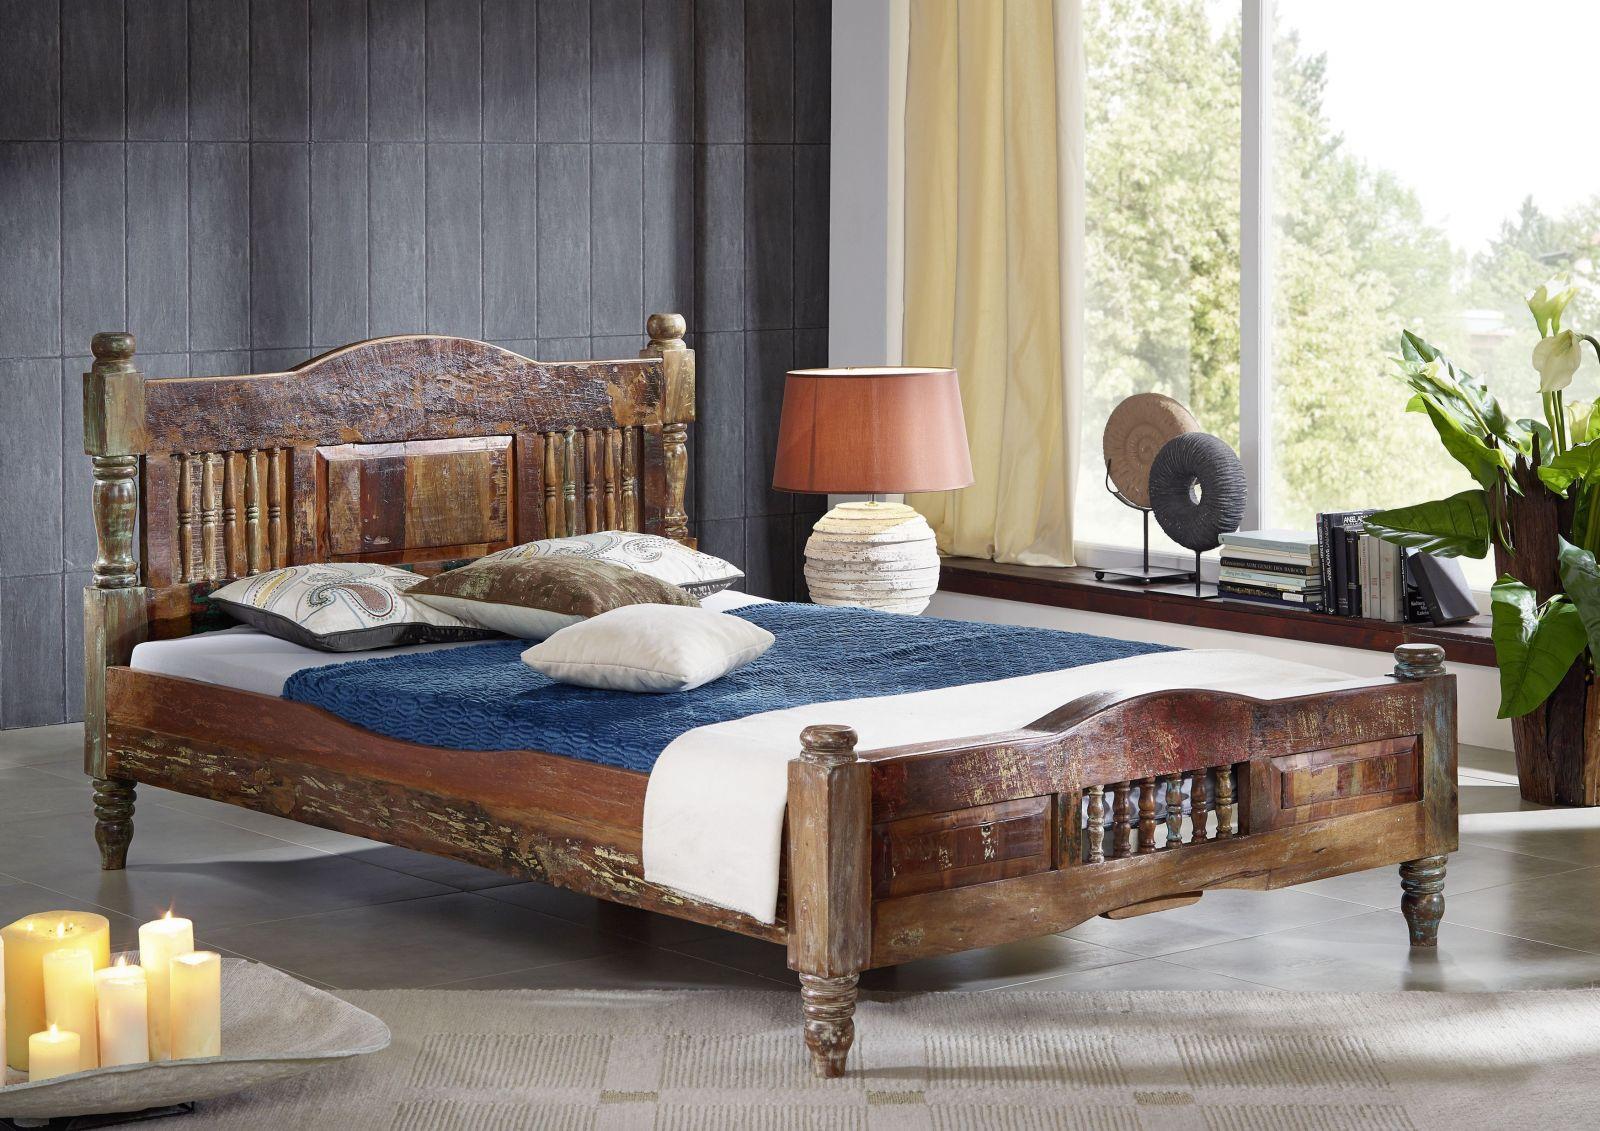 Full Size of Bett Vintage Mit Matratze Massivholz 180x200 Schreibtisch Japanisches 140x200 Weiß Kopfteil Selber Machen Podest 160x200 Kaufen Günstig Ausziehbares Bett Bett Vintage